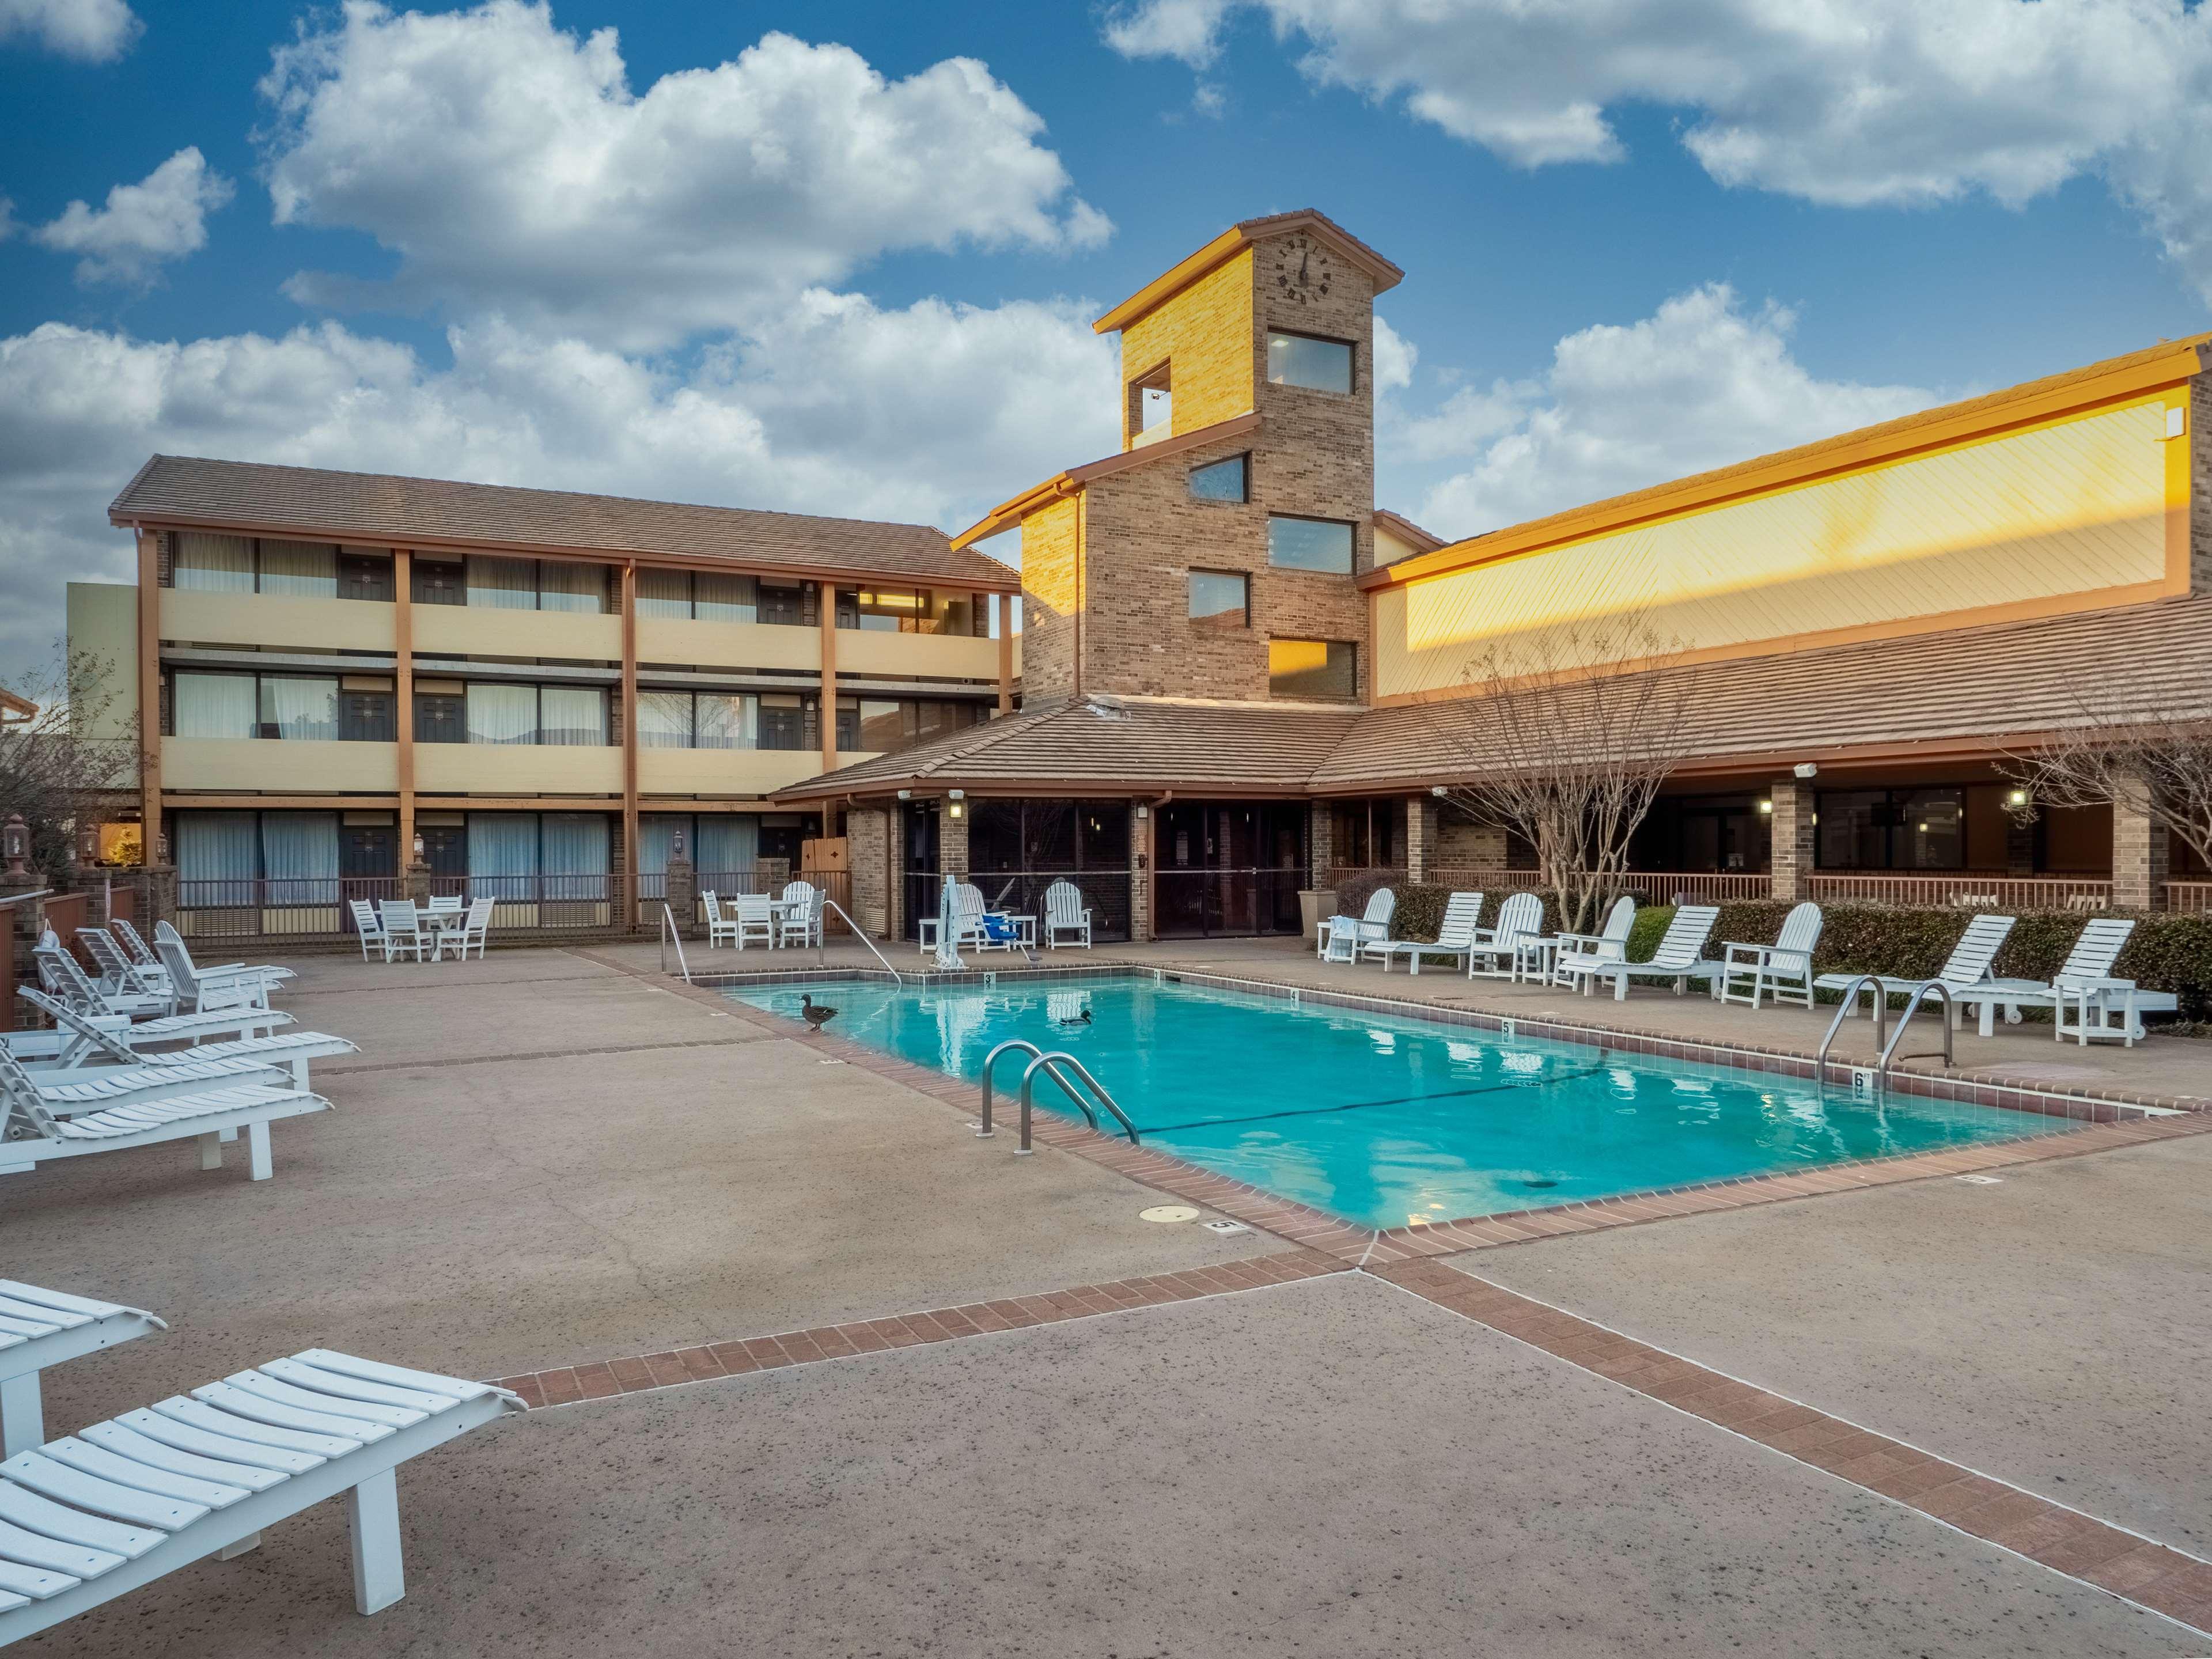 Best Western Plus Saddleback Inn & Conference Center